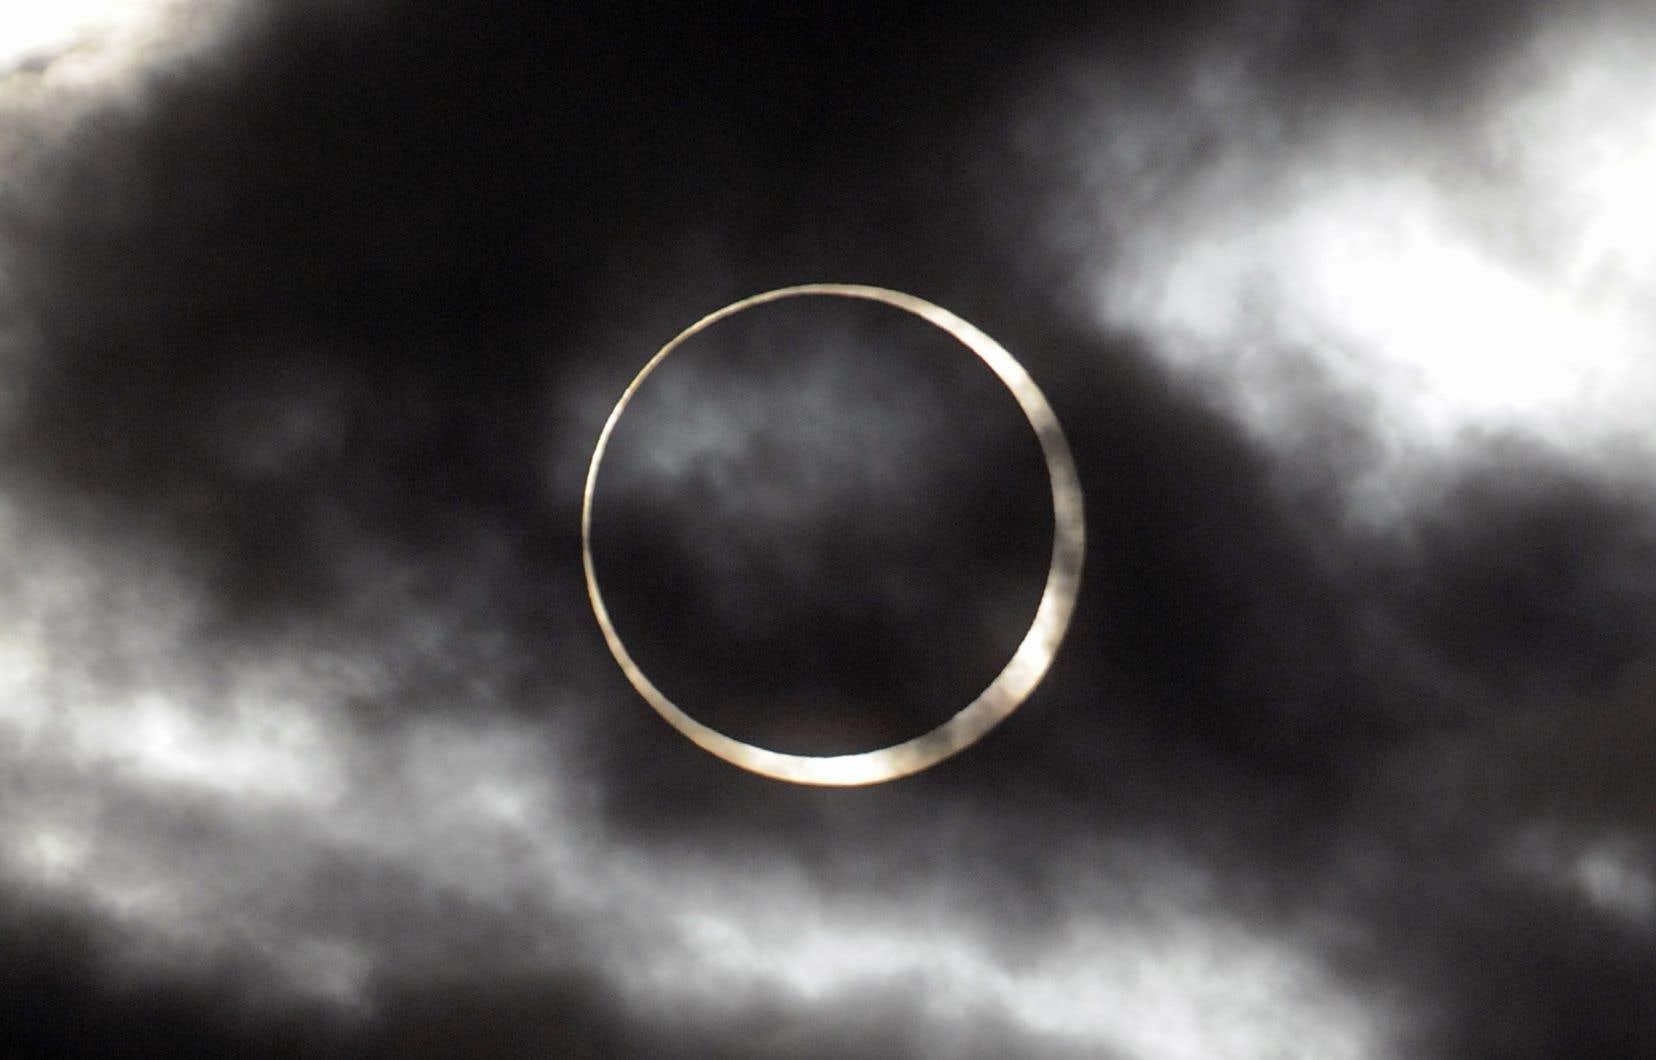 Lors d'une éclipse annulaire, la Lune passe devant le Soleil, dans un alignement avec la Terre suffisamment parfait pour le cacher, mais pas entièrement.